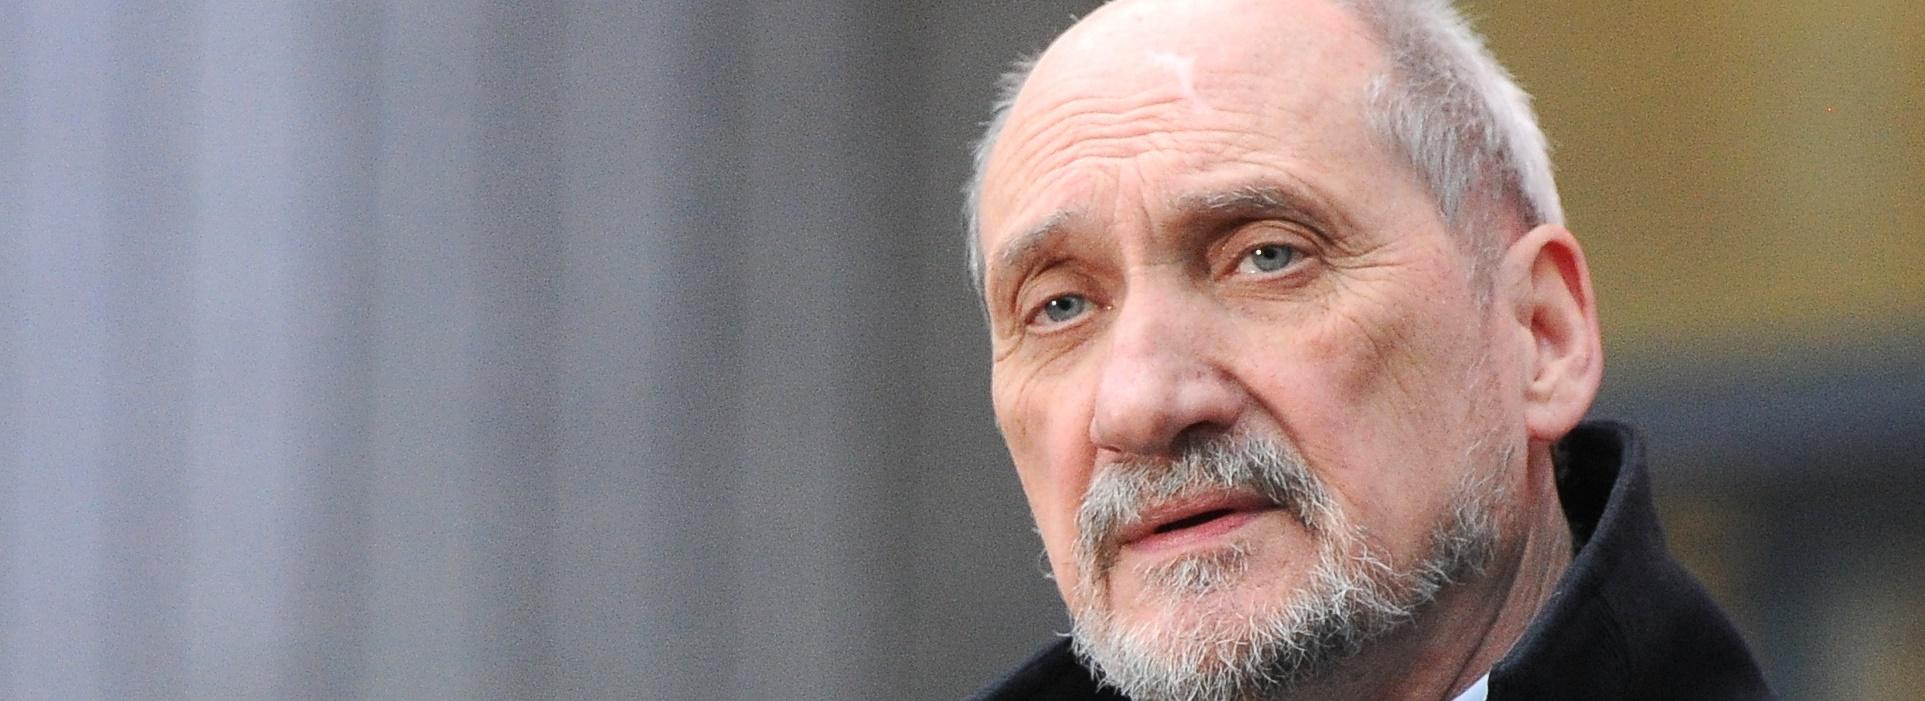 Macierewicz: Podkomisja smoleńska będzie także w nowym parlamencie